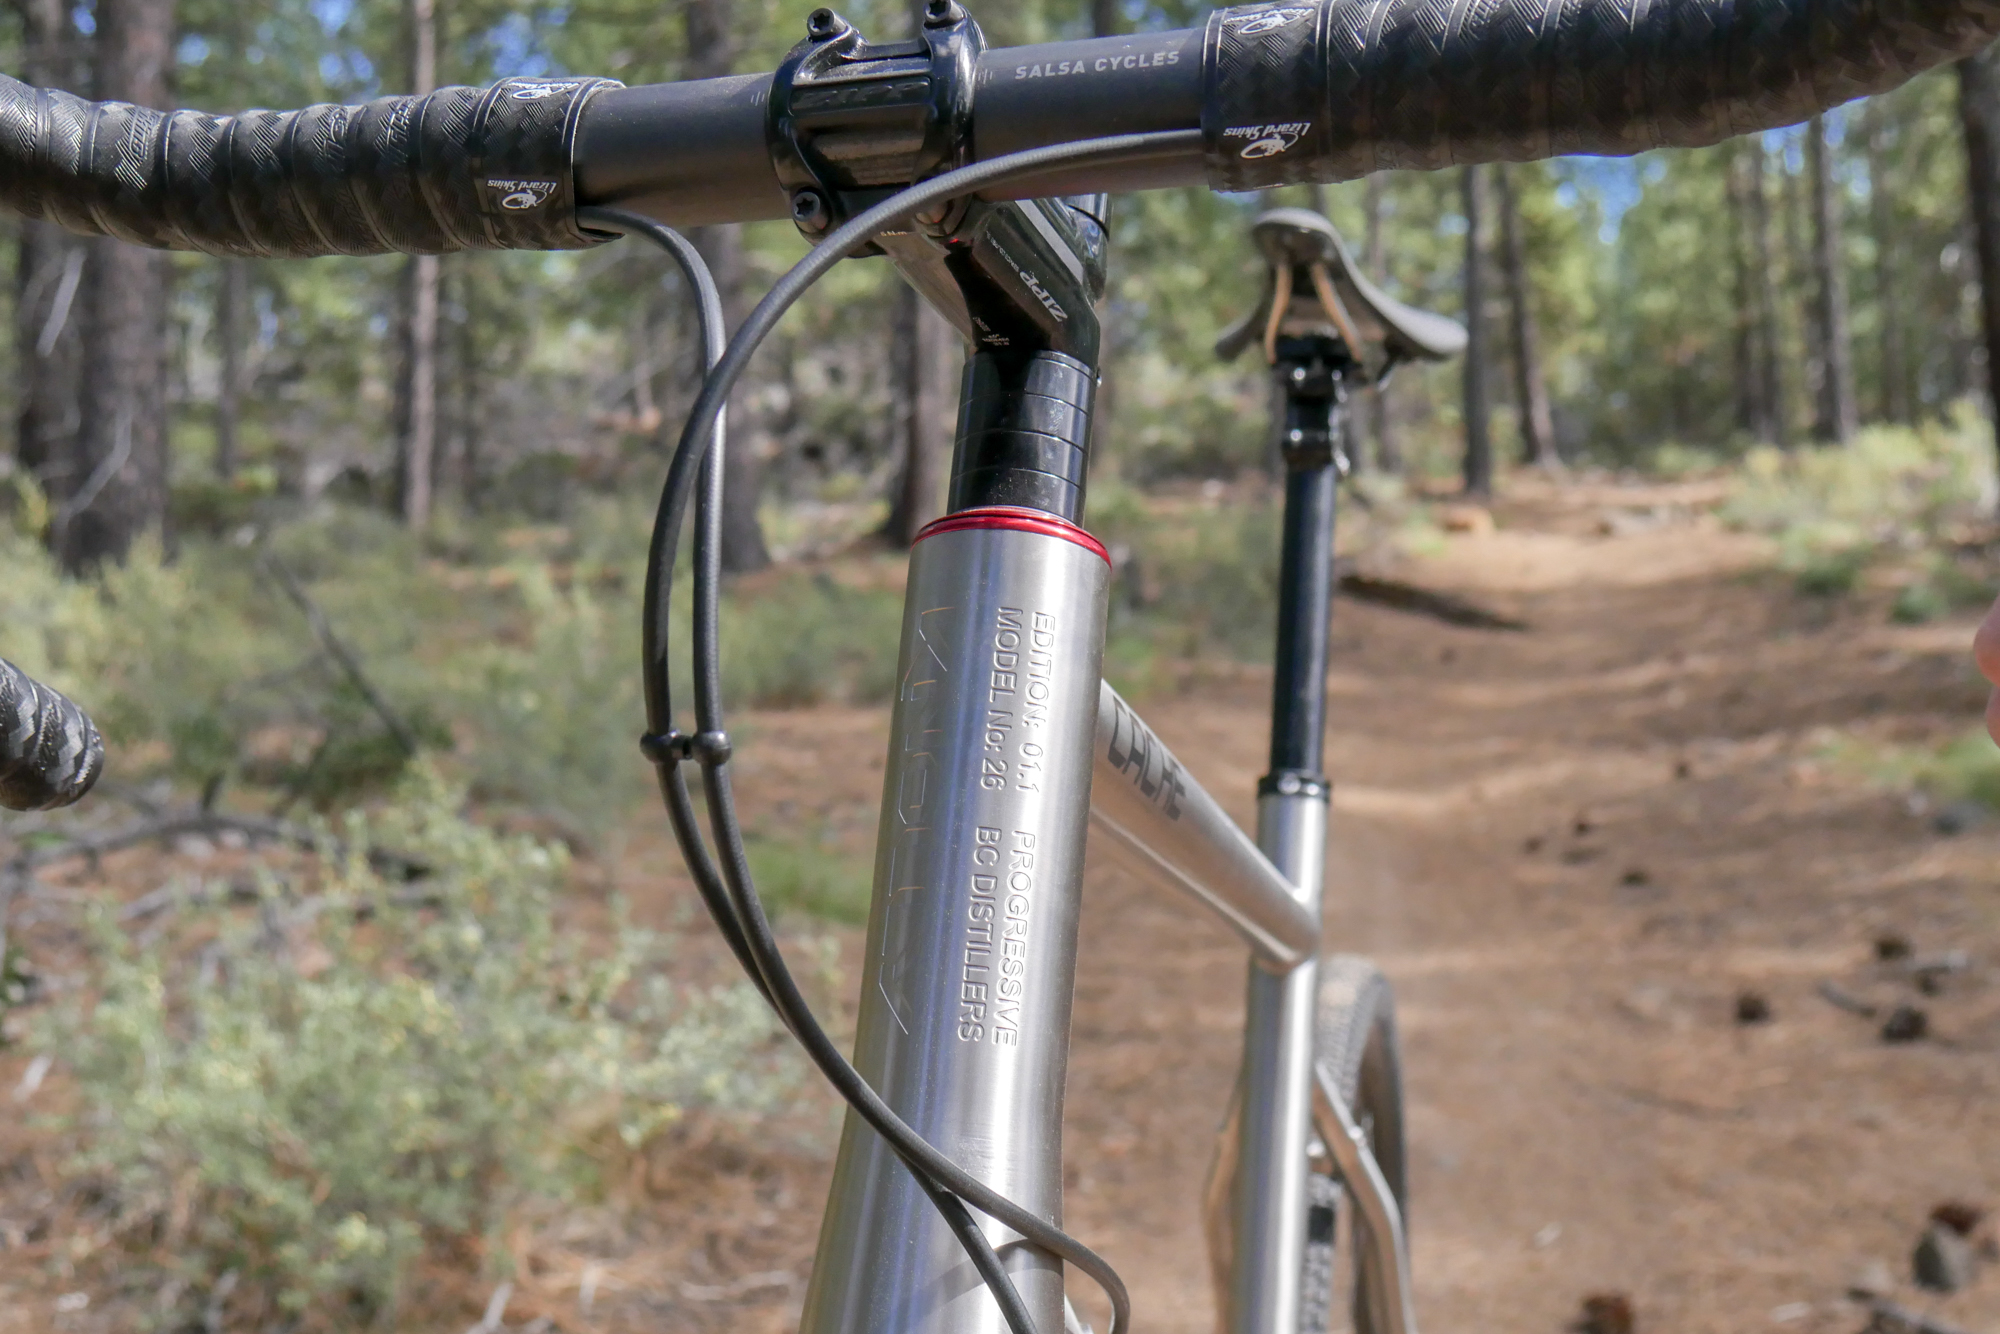 2019 Knolly Cache Titanium at Bend Oregon Bike shop Project bike